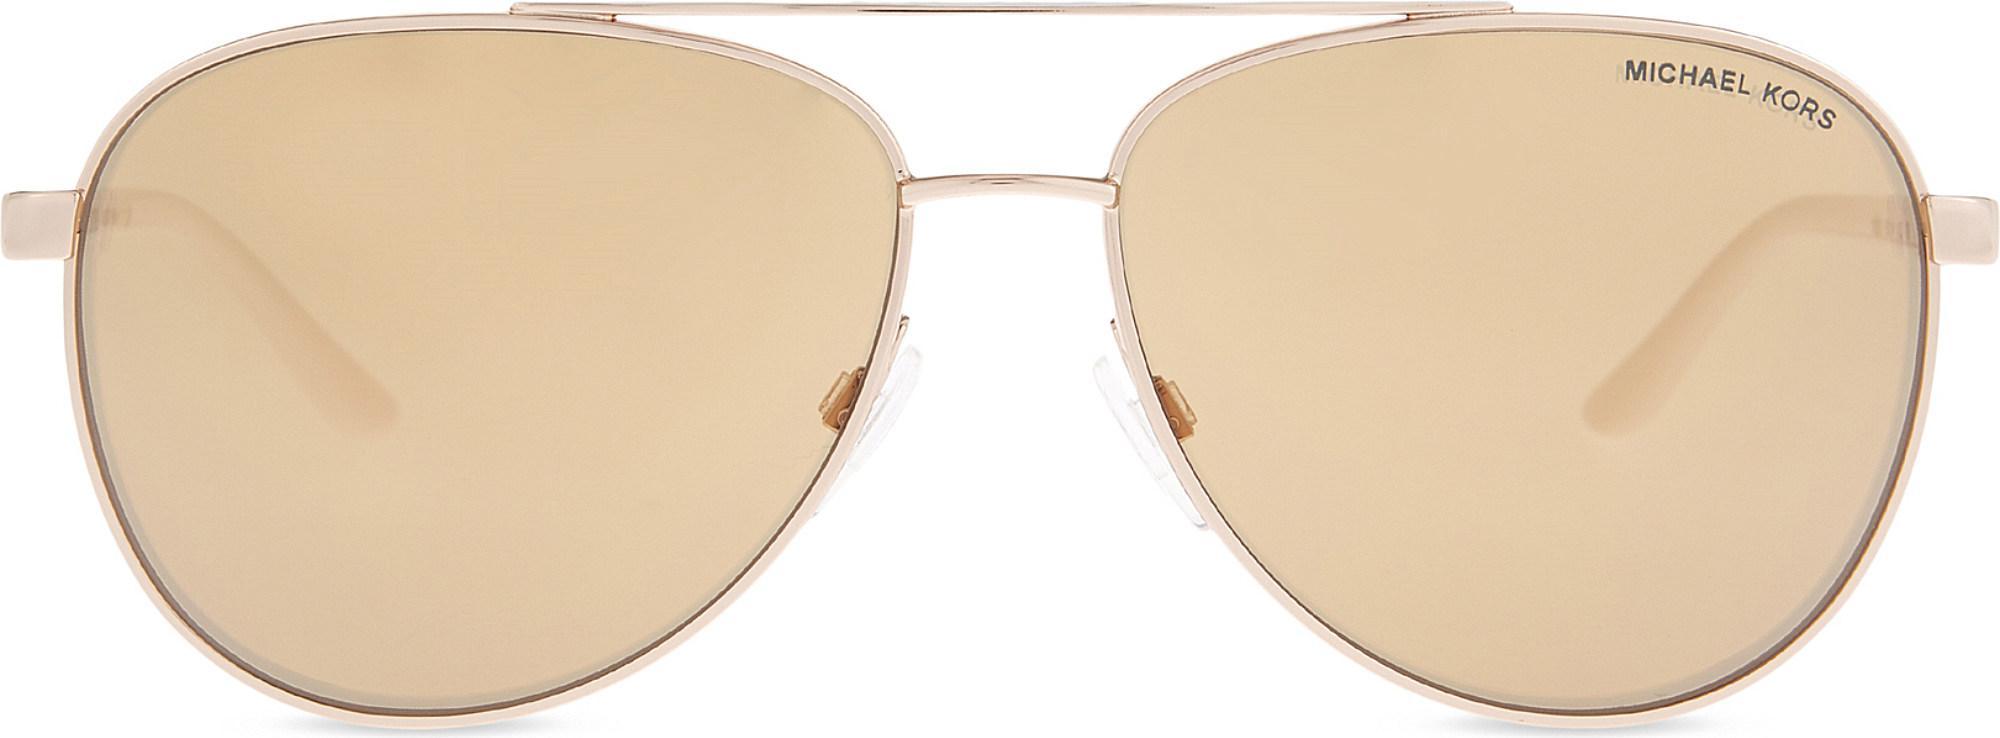 093d73cc318e5 Michael Kors - White Mk5007 Hvar Aviator Sunglasses - Lyst. View fullscreen